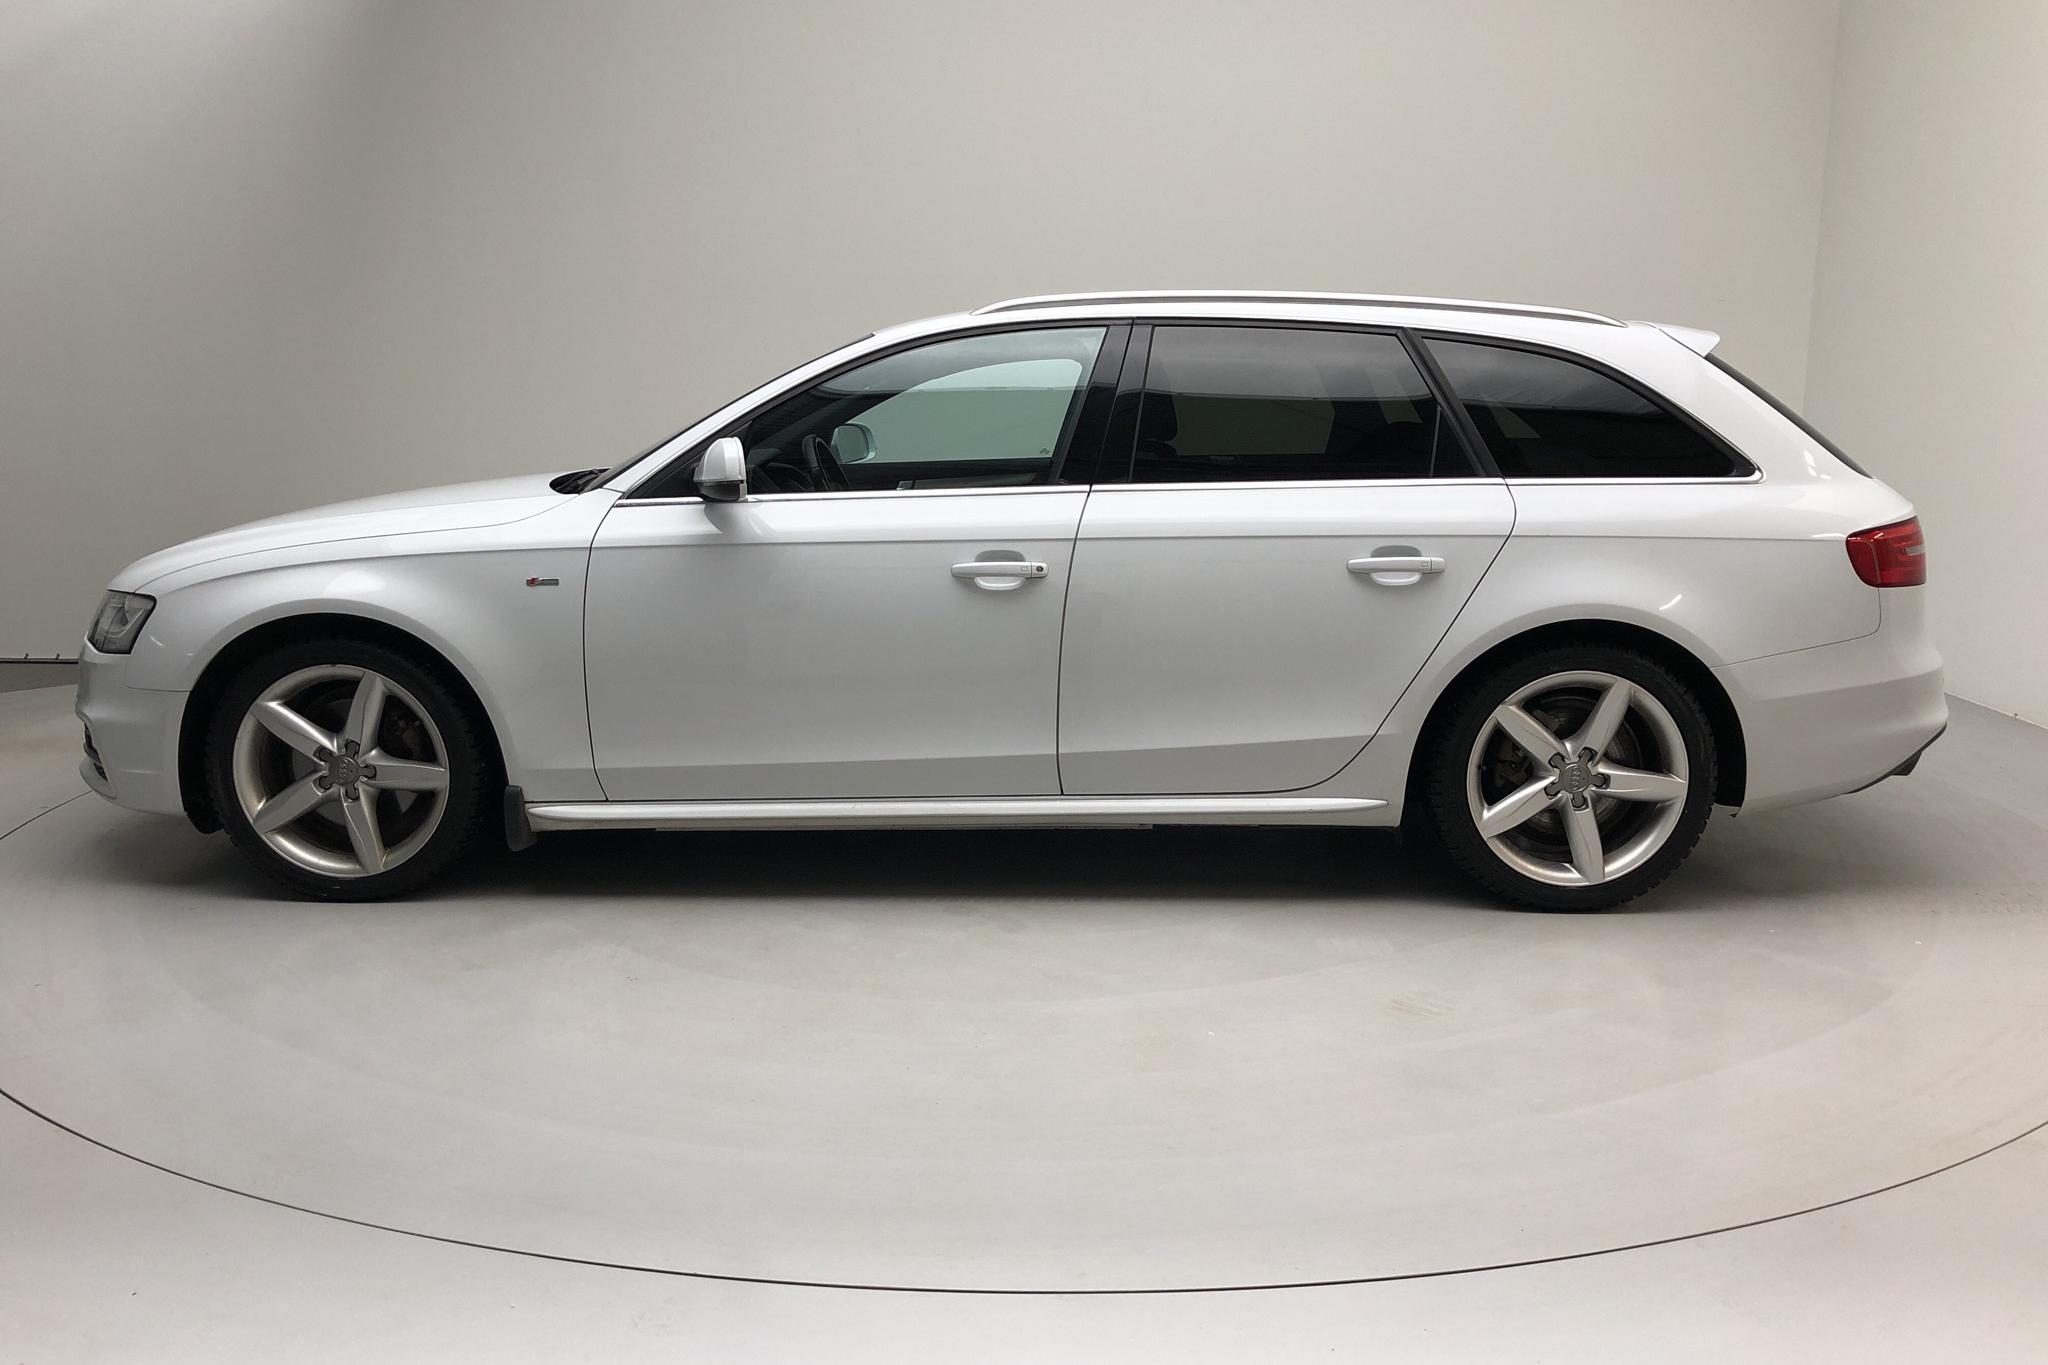 Audi A4 2.0 TDI Avant quattro (177hk) - 14 517 mil - Automat - vit - 2014